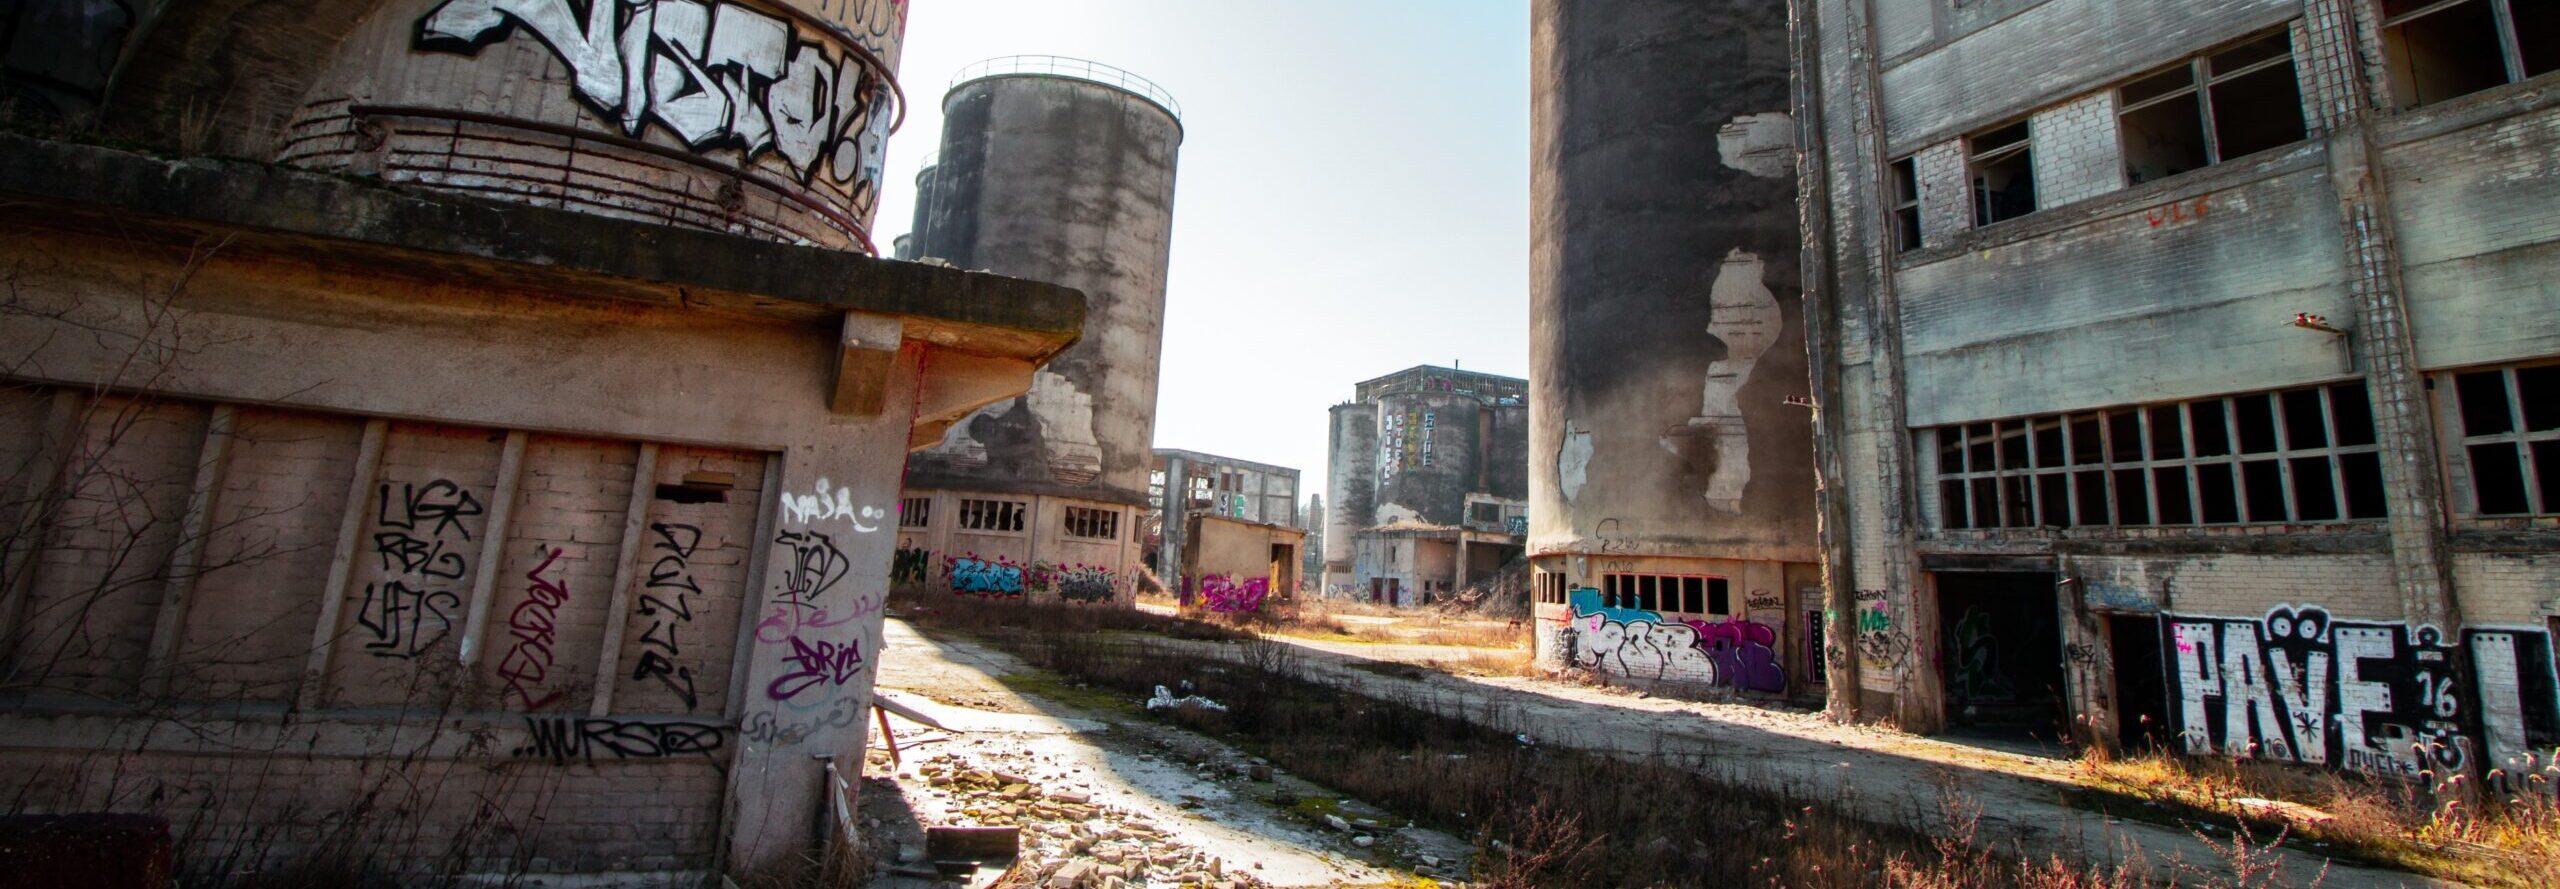 Factory in Berlin, Germany